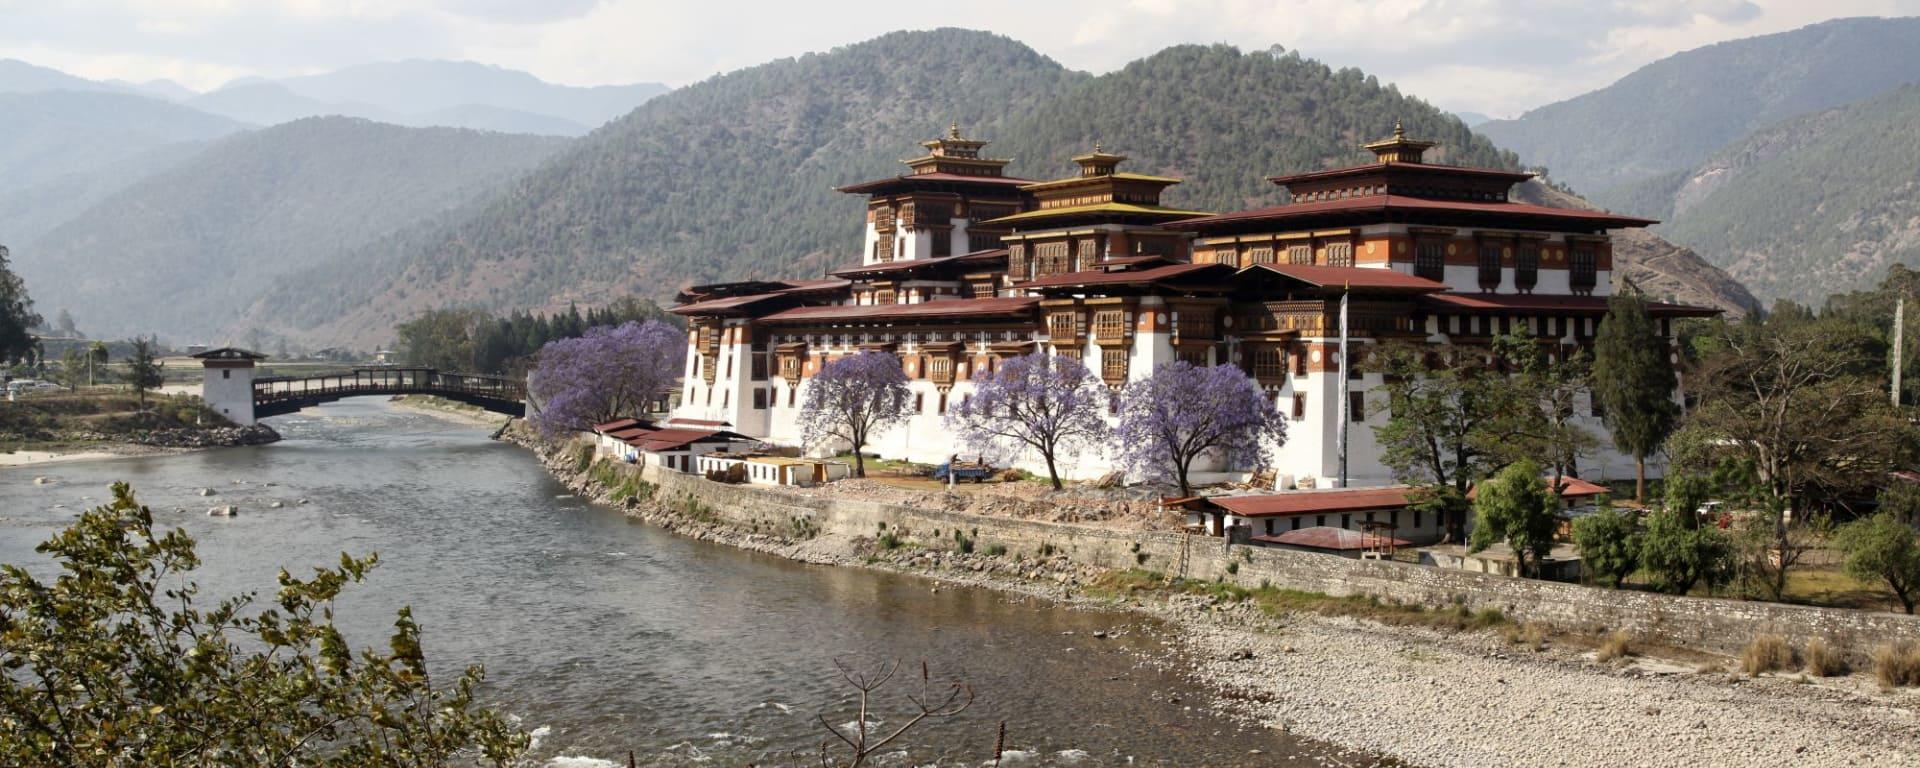 Bhutan - Land und Legenden ab Paro: Punakha Dzong